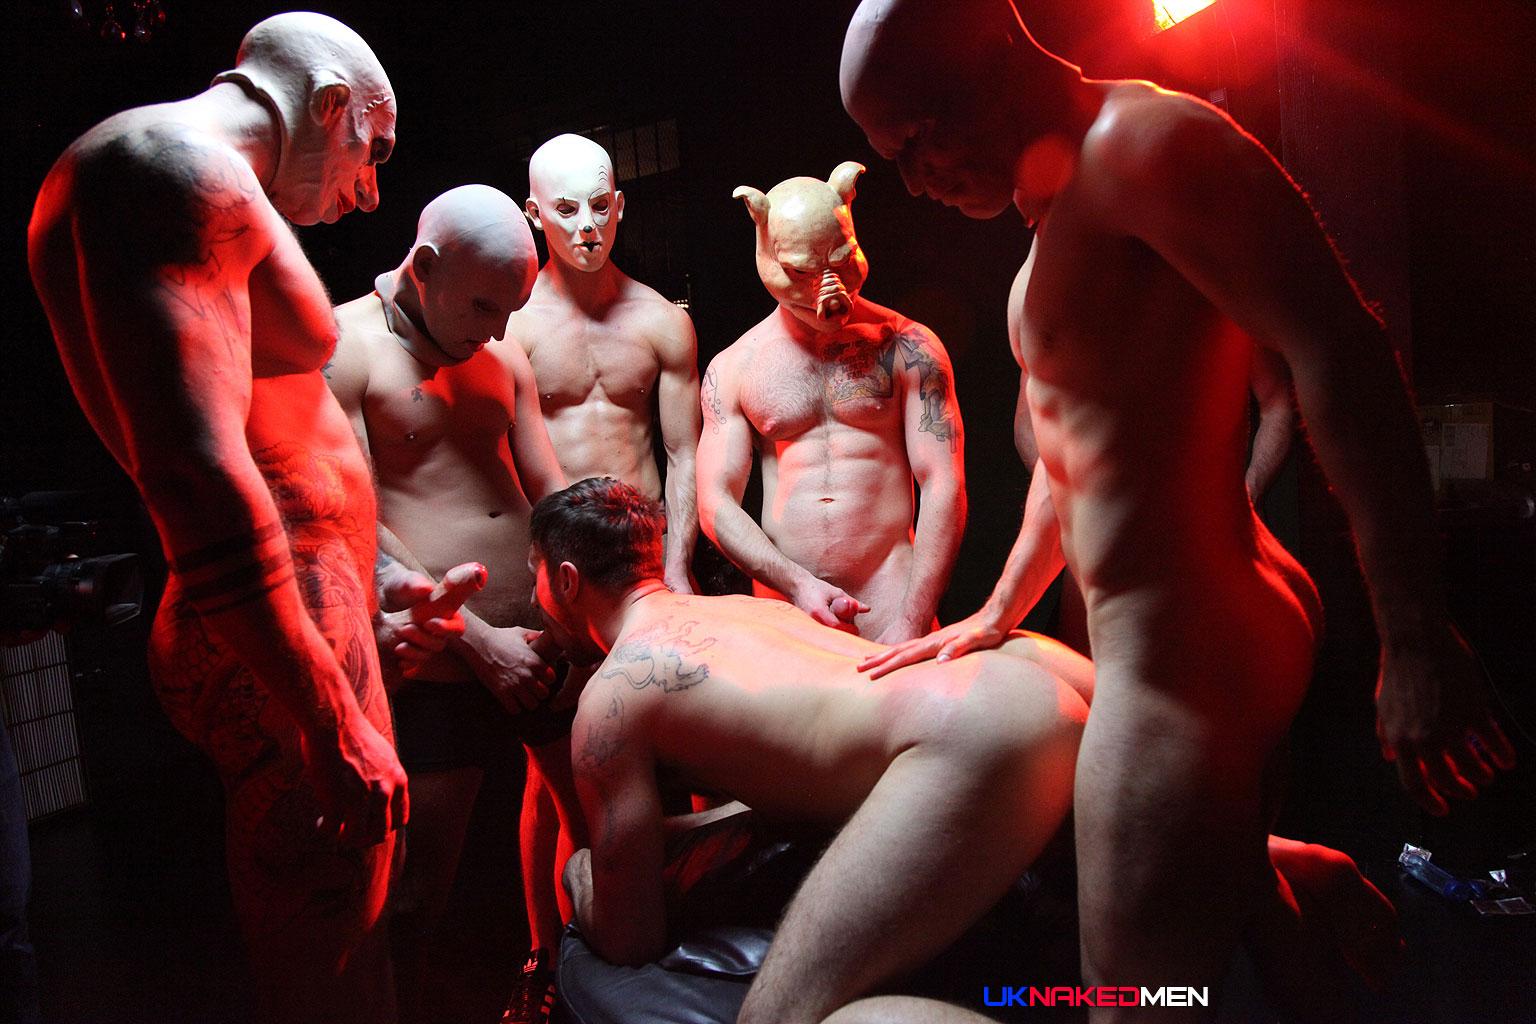 всё смотреть кино онлайн черные ритуалы сатанинских секс культов уже ответственность перед